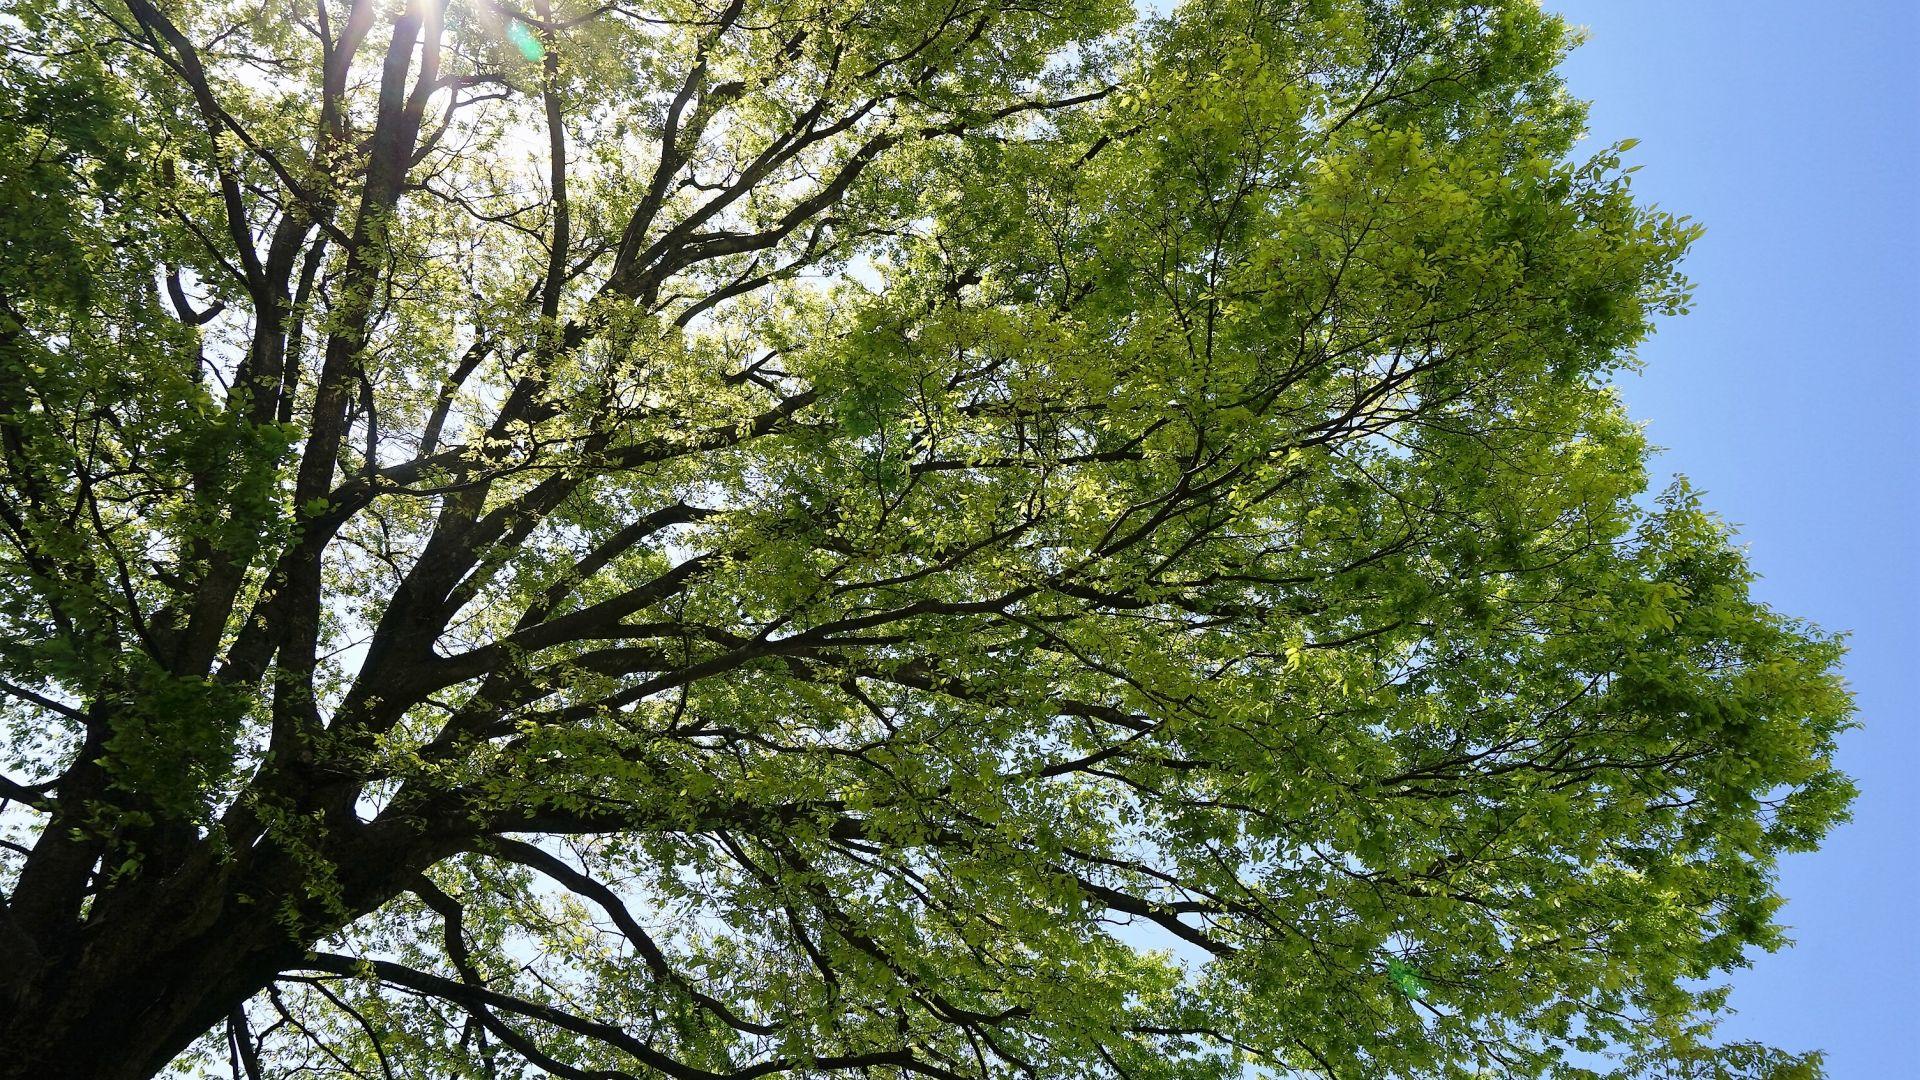 【樹木図鑑】かつては高級木材だった。和のイメージのケヤキ。